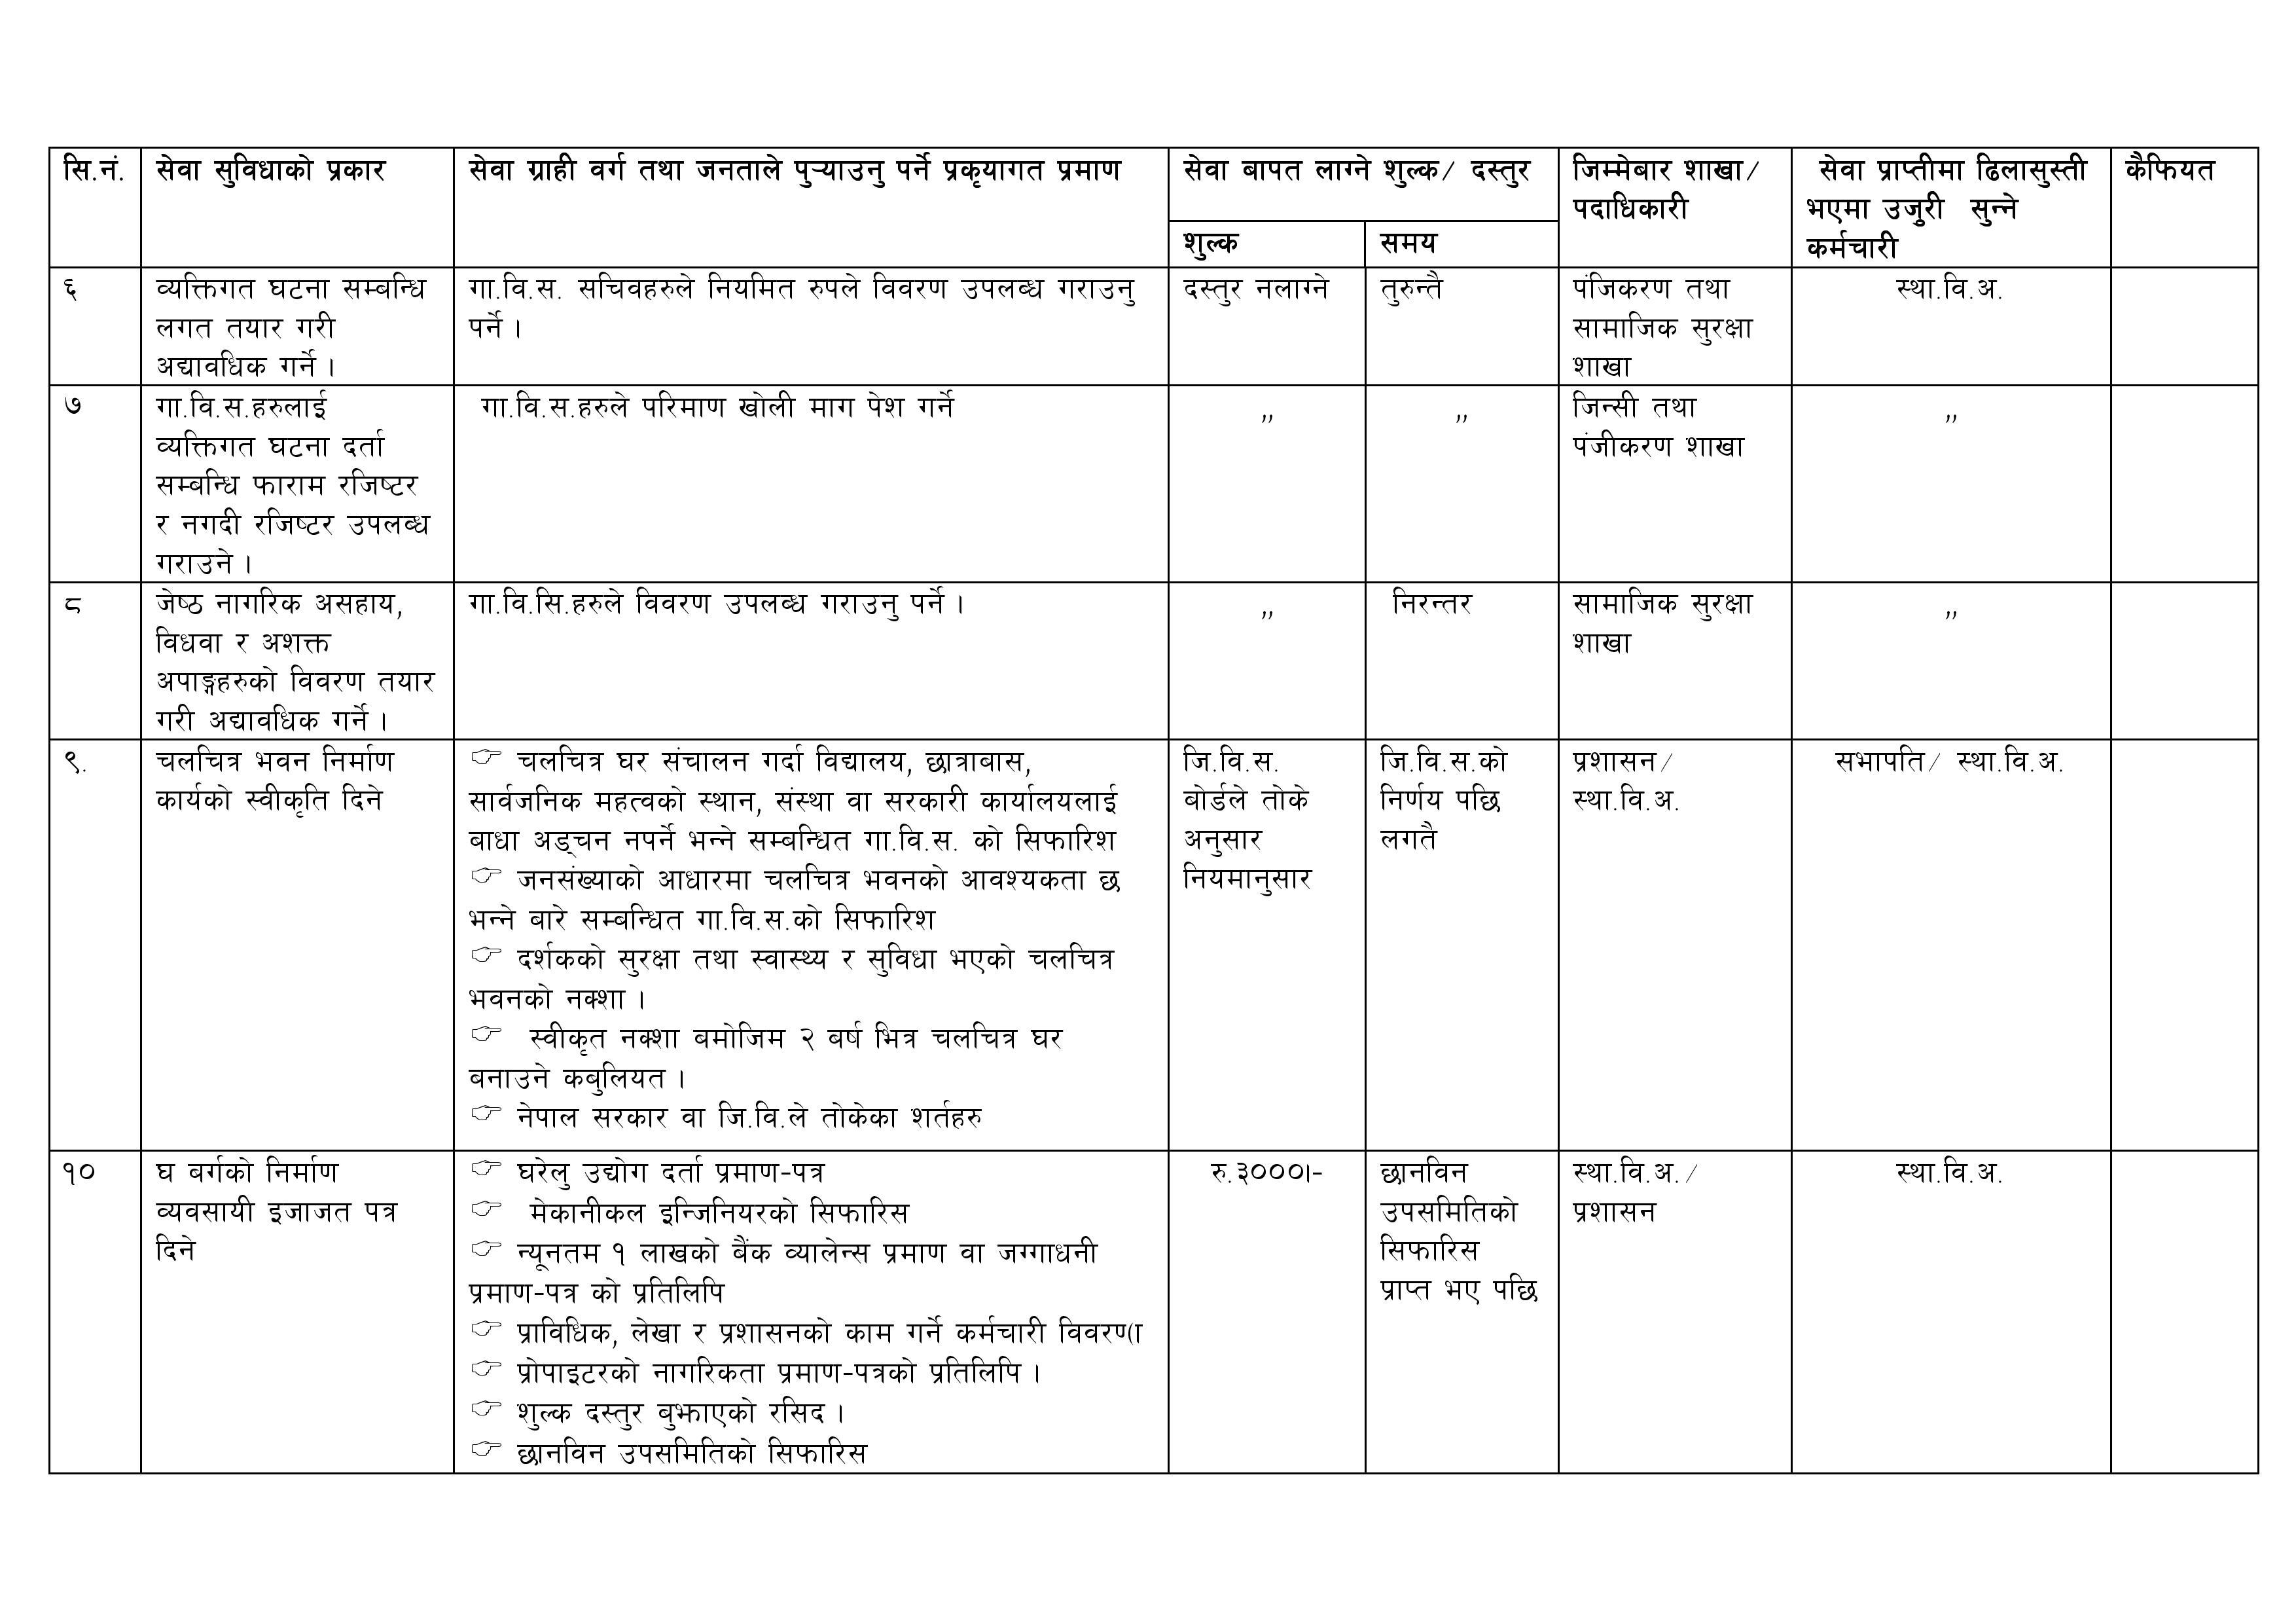 Nagarik bada patra DDC Manang-page-002